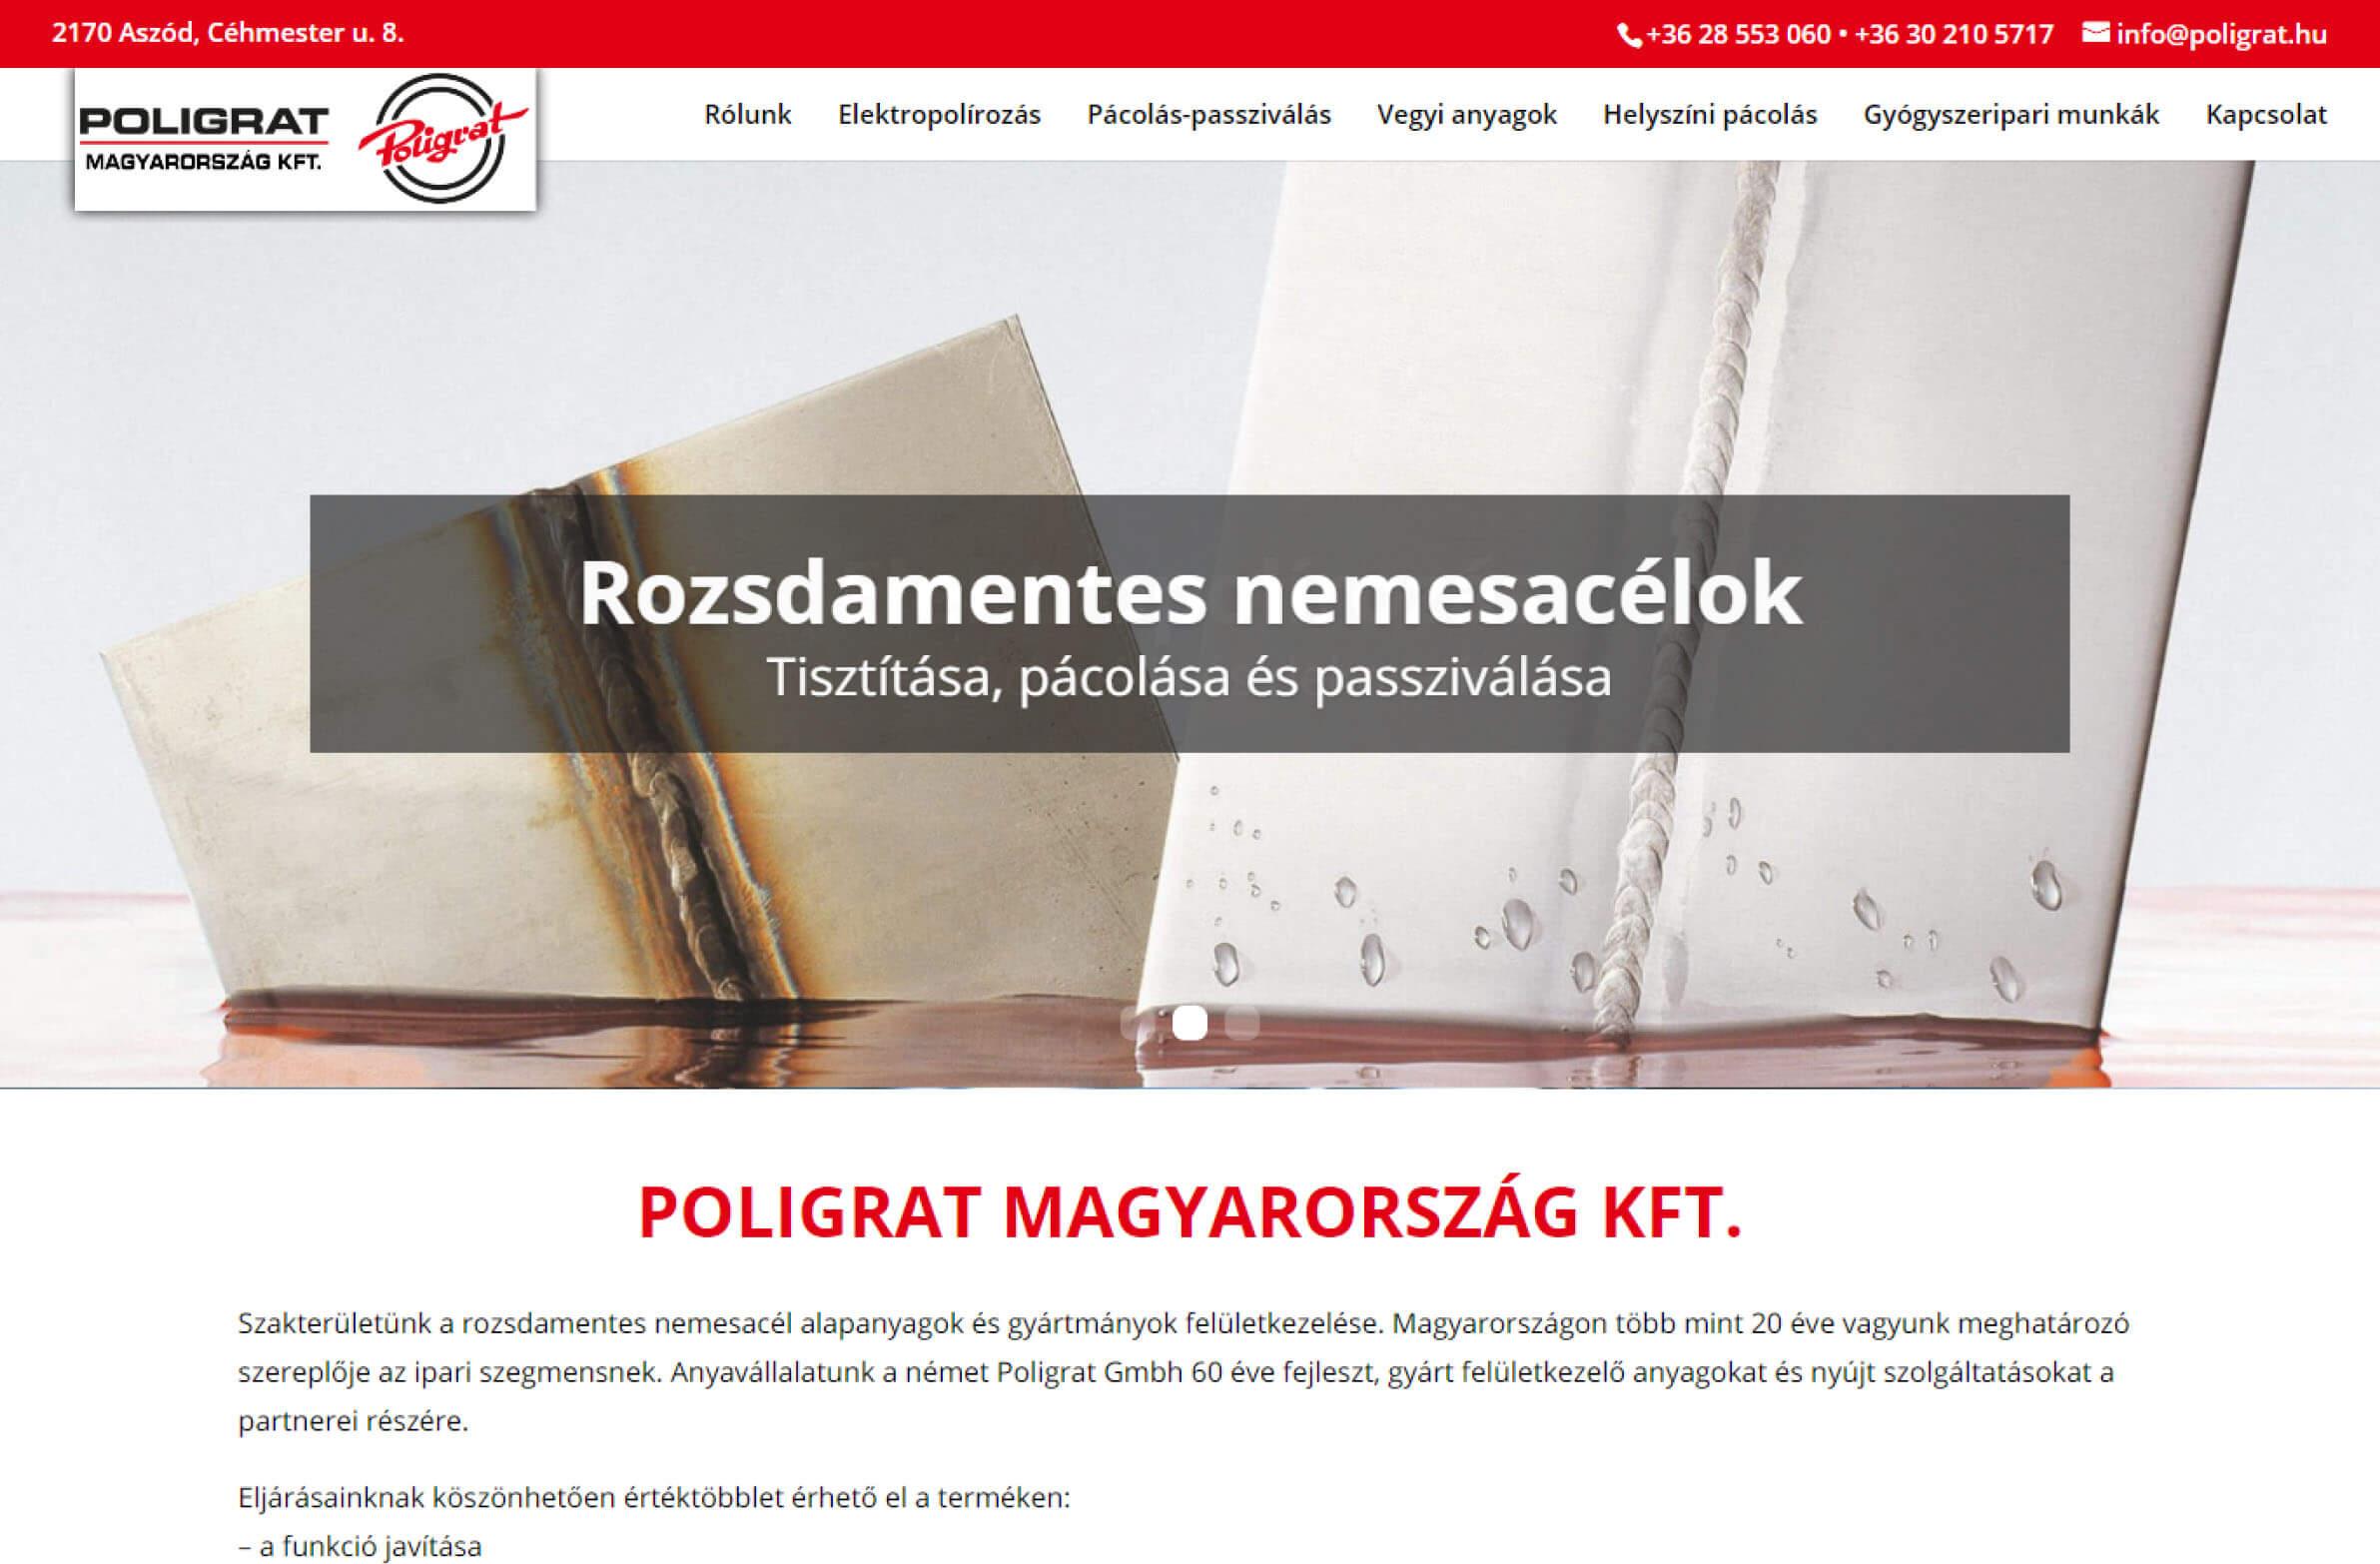 poligrat.hu honlapkép